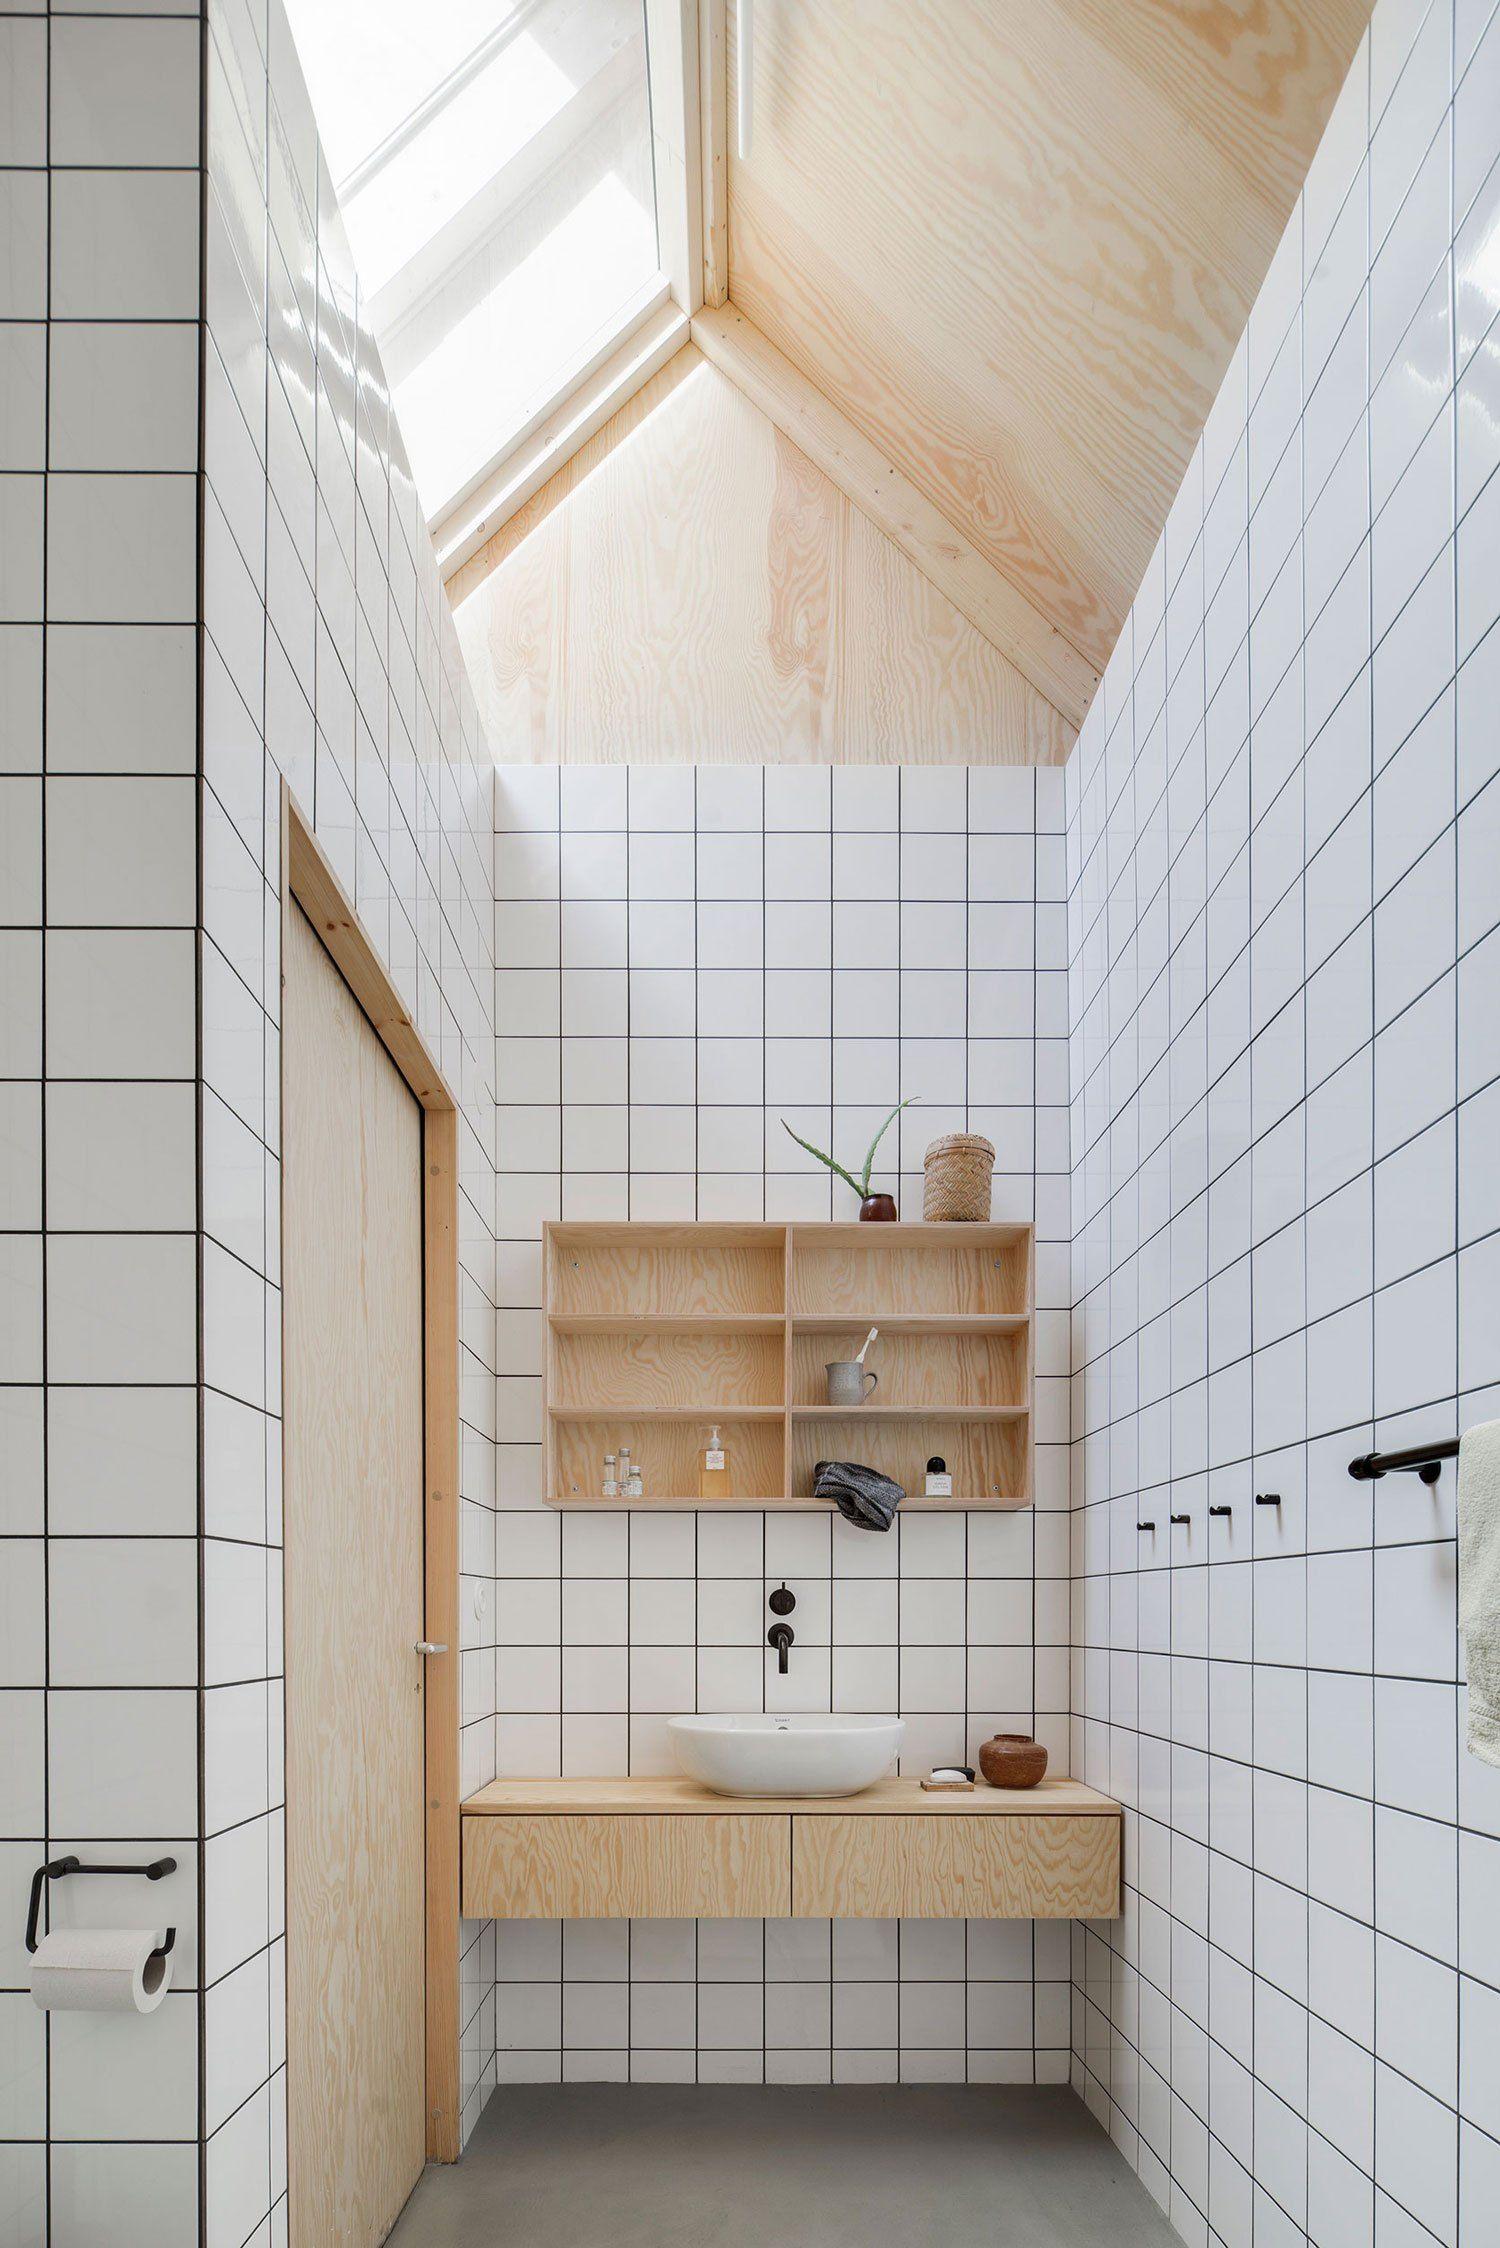 Mosaique Salle De Bain Point P ~ Id Es D Co Rev Tir Ses Murs De Contreplaqu Architectes Mur Et